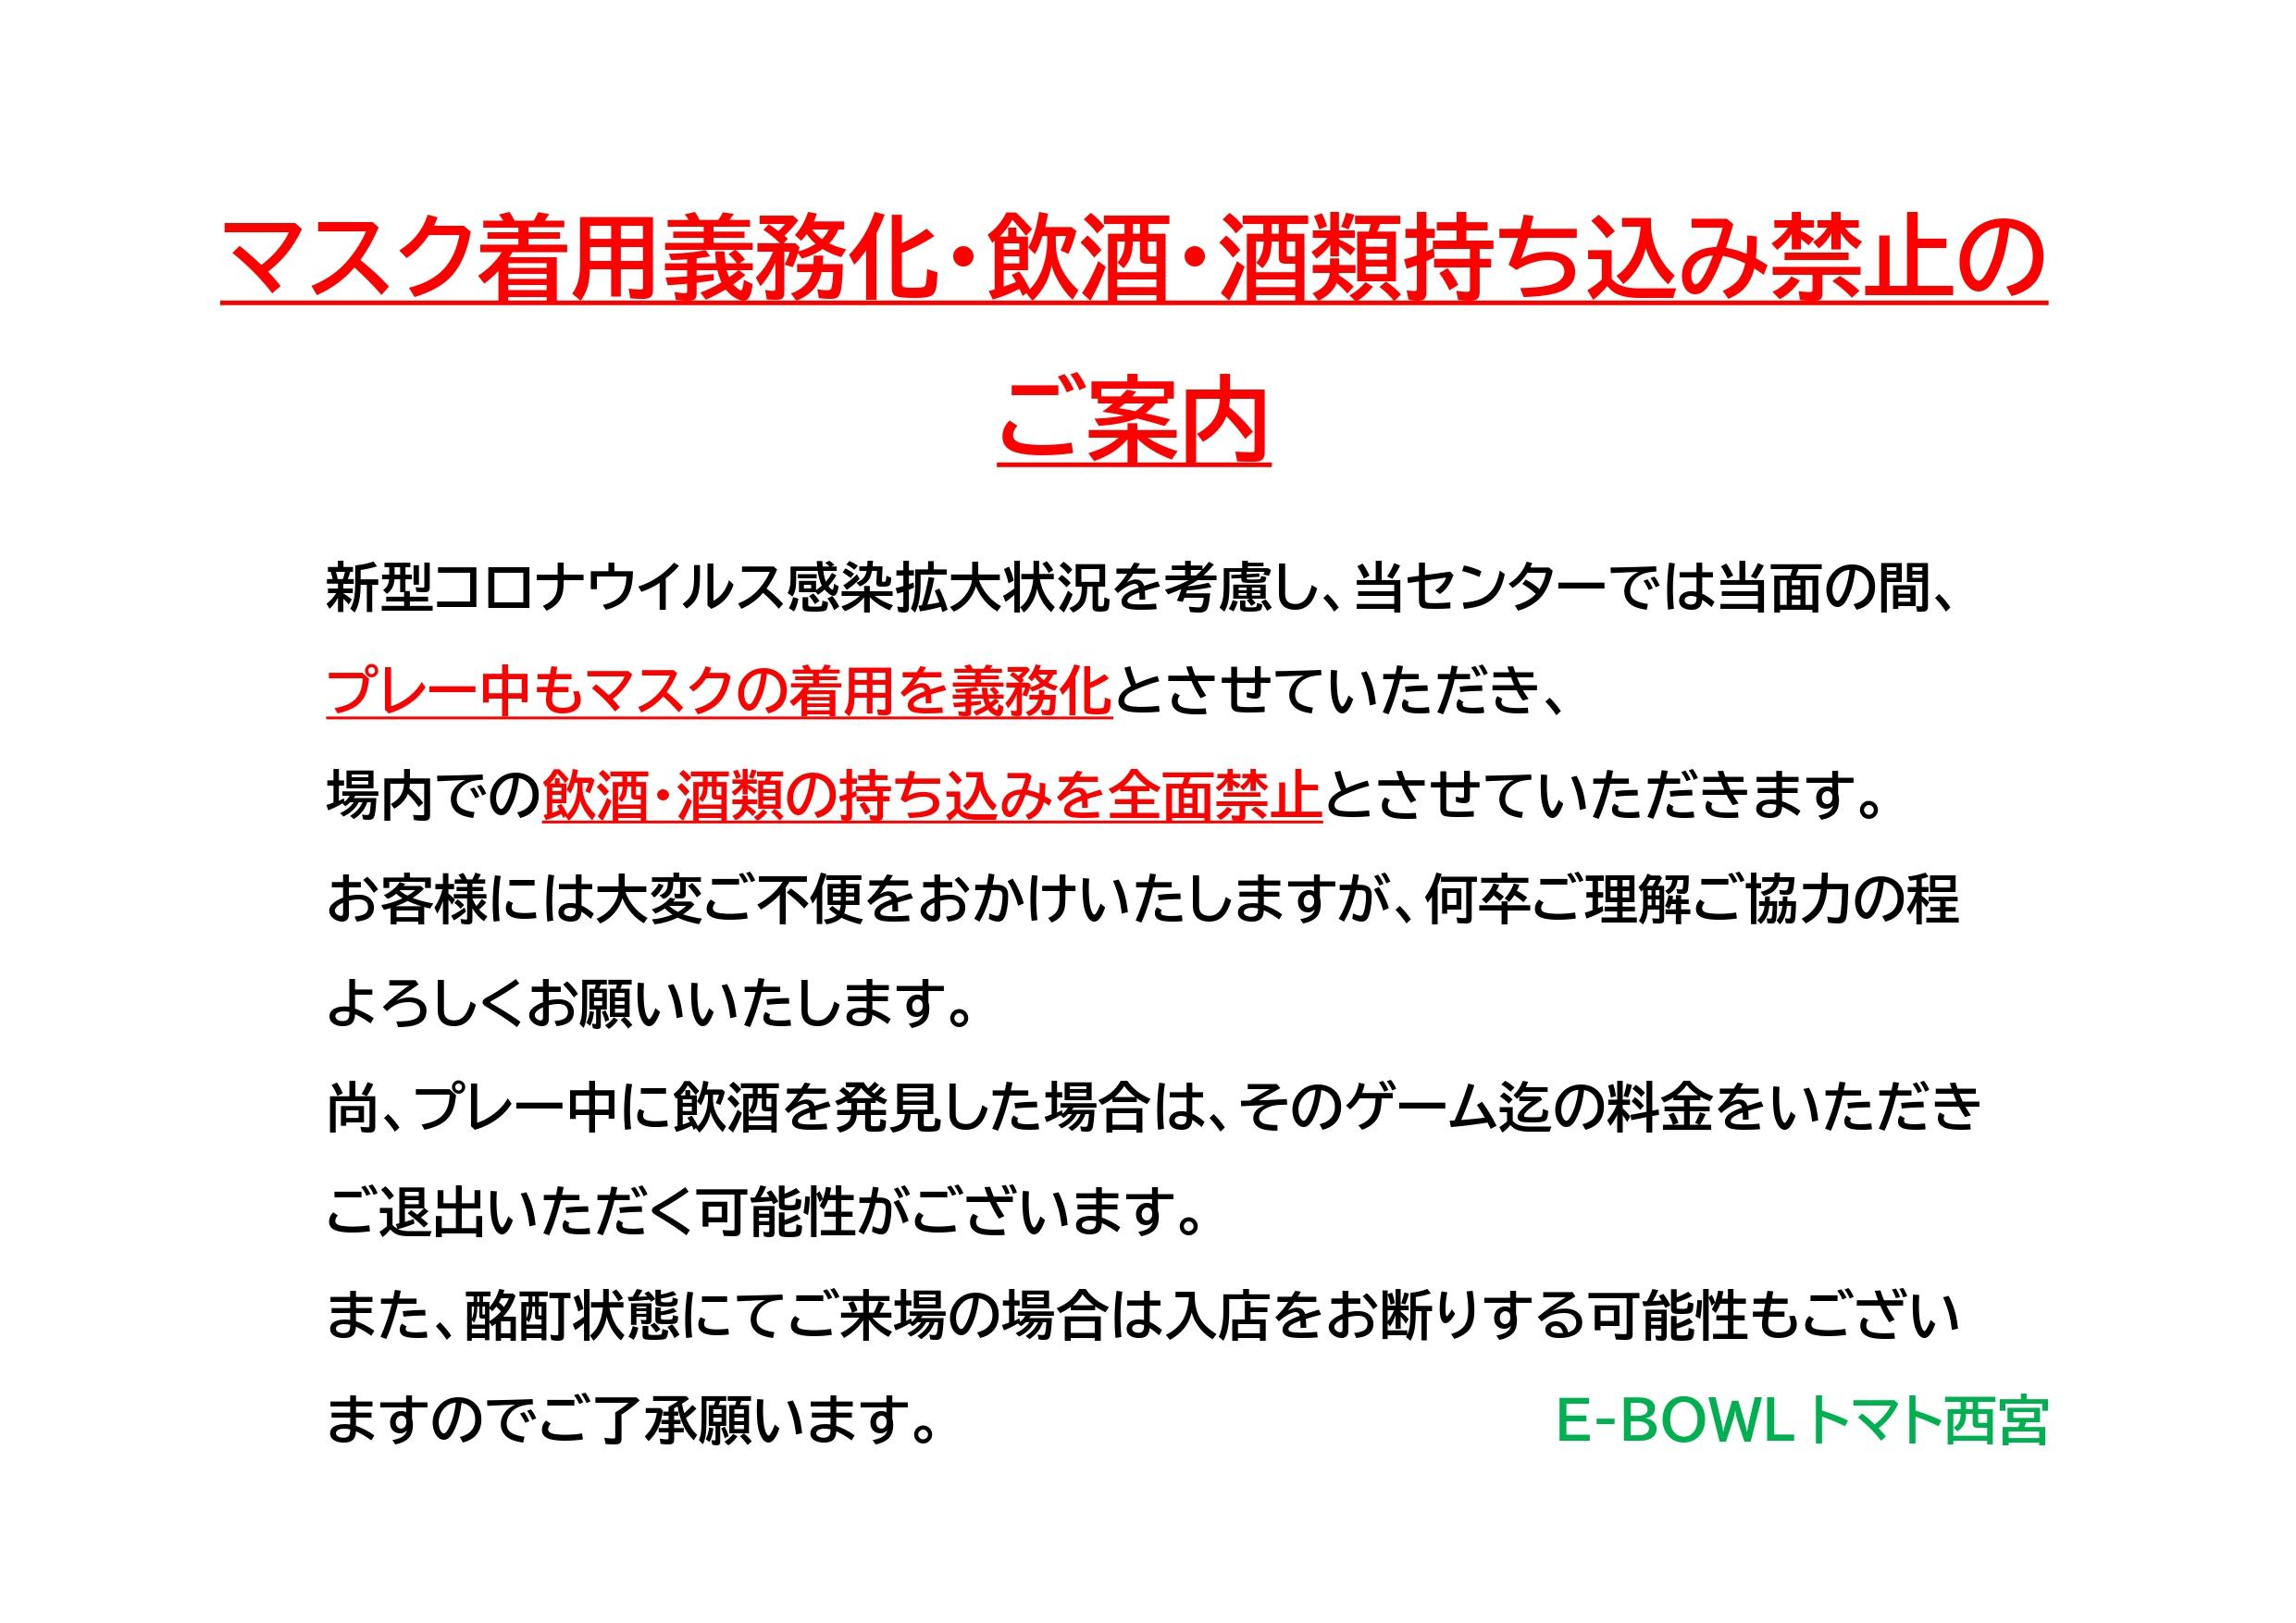 マスク着用義務化・飲酒・酒類持ち込み禁止の (3)_page-0001 (1).